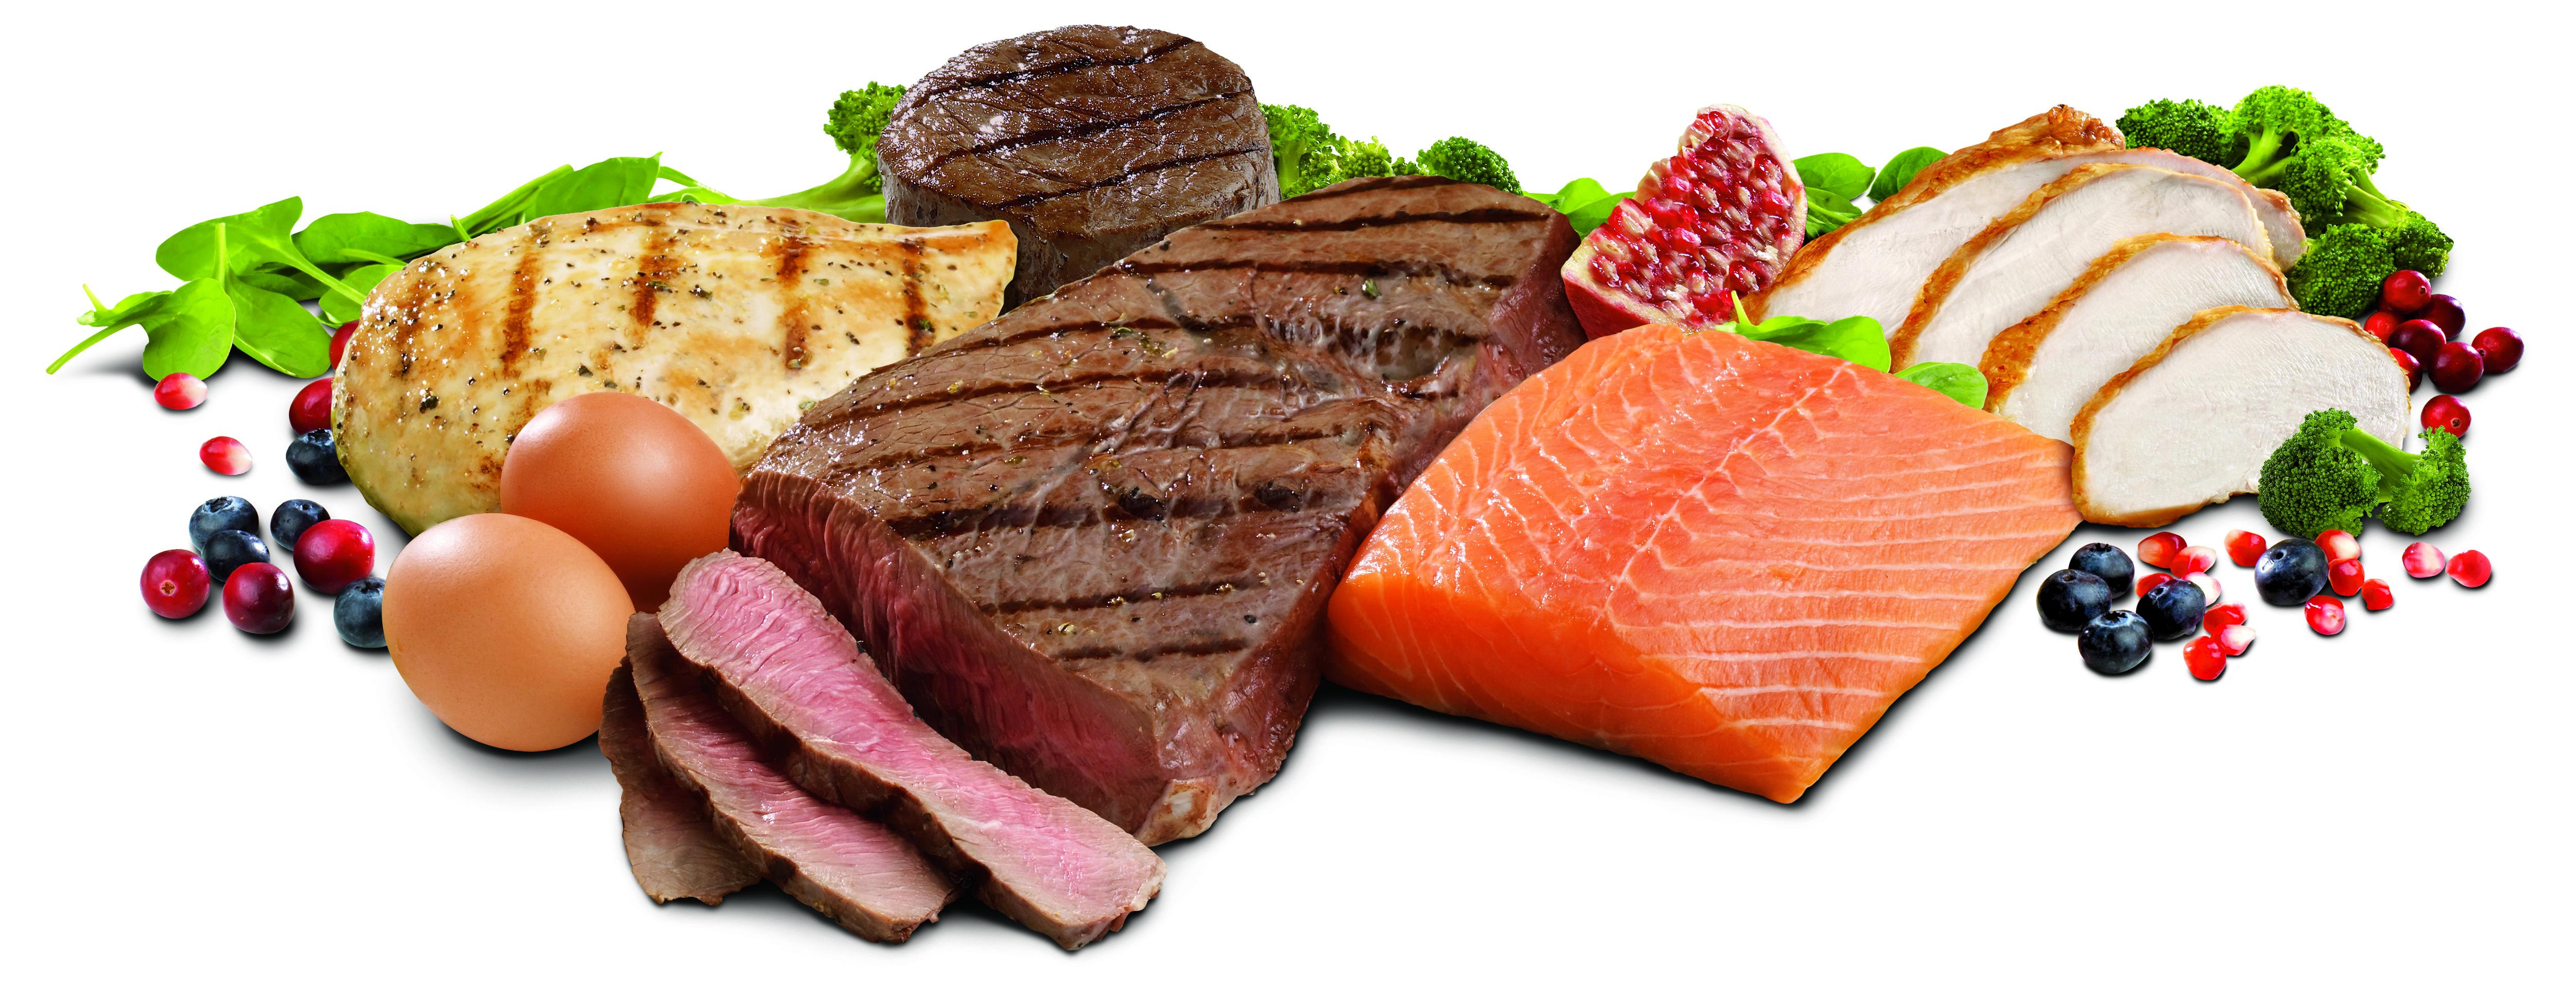 Makalah tentang Makromolekul (Karbohidrat, Protein dan Lemak)